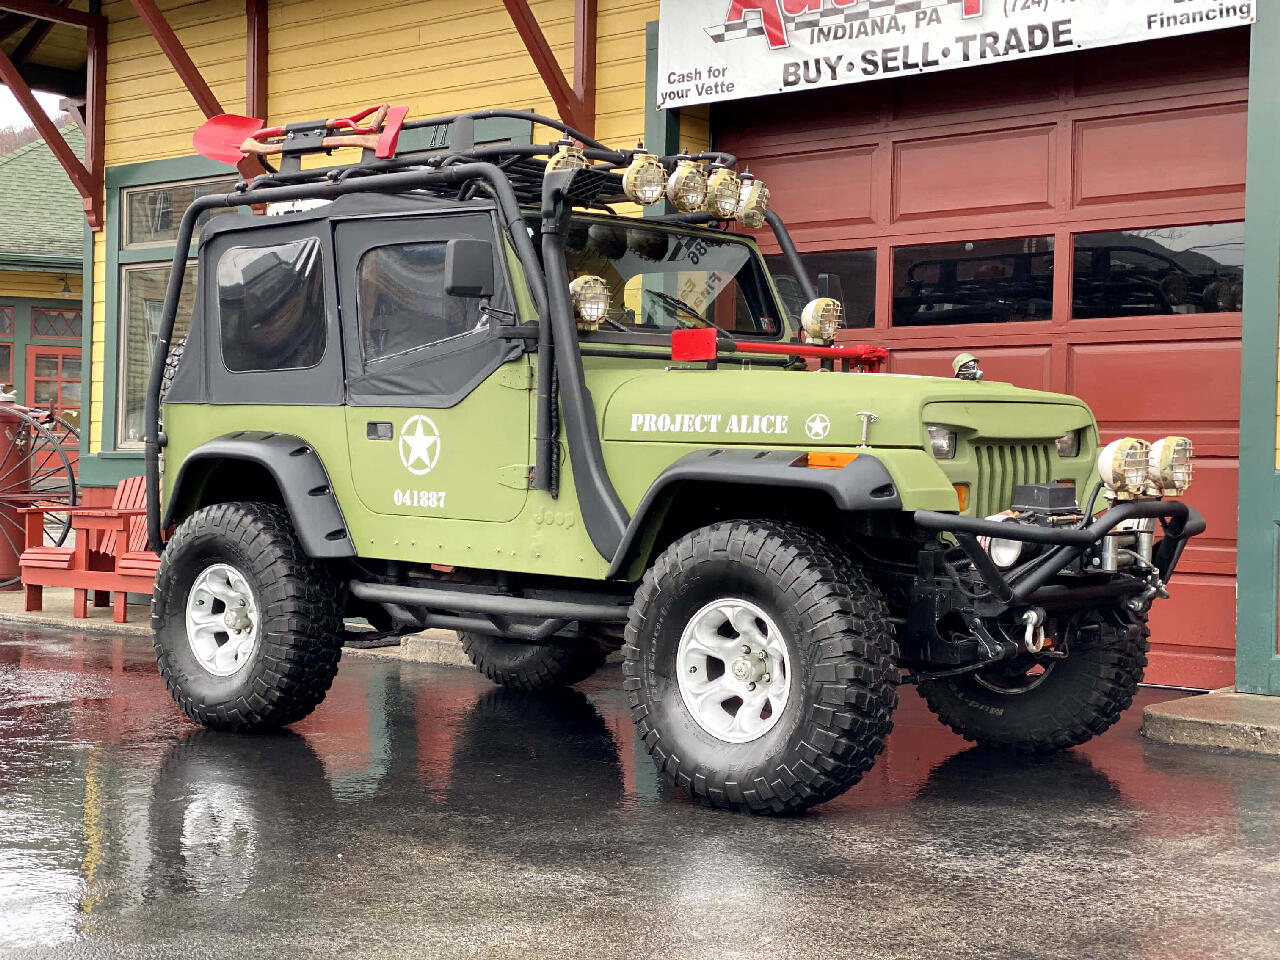 1988 Jeep Wrangler Full Custom Rhinoliner Titan 4.7L Jeep Wrangler!